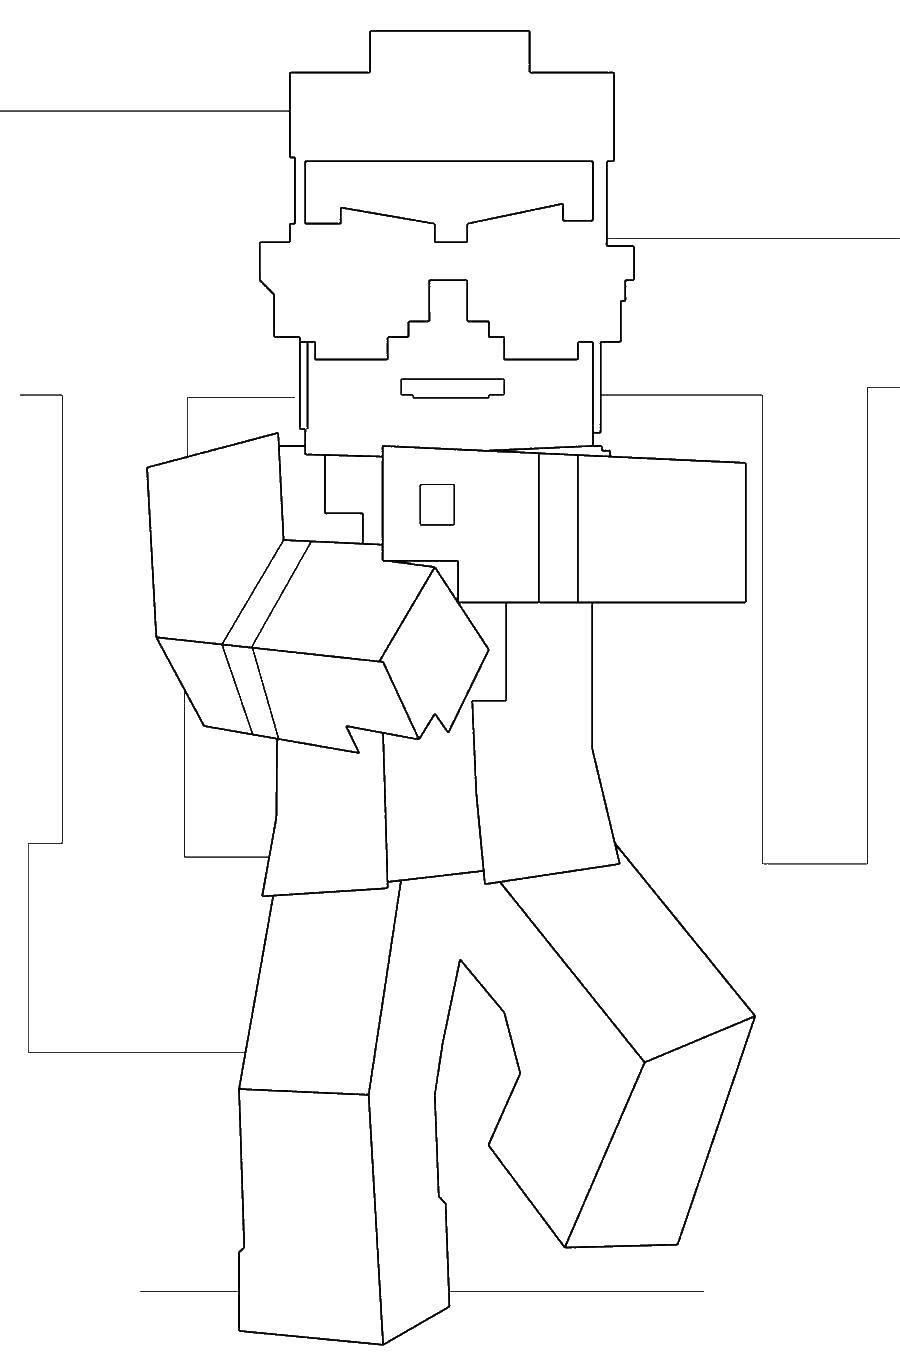 Раскраска Лего человек Скачать лего, человек.  Распечатать ,Лего,